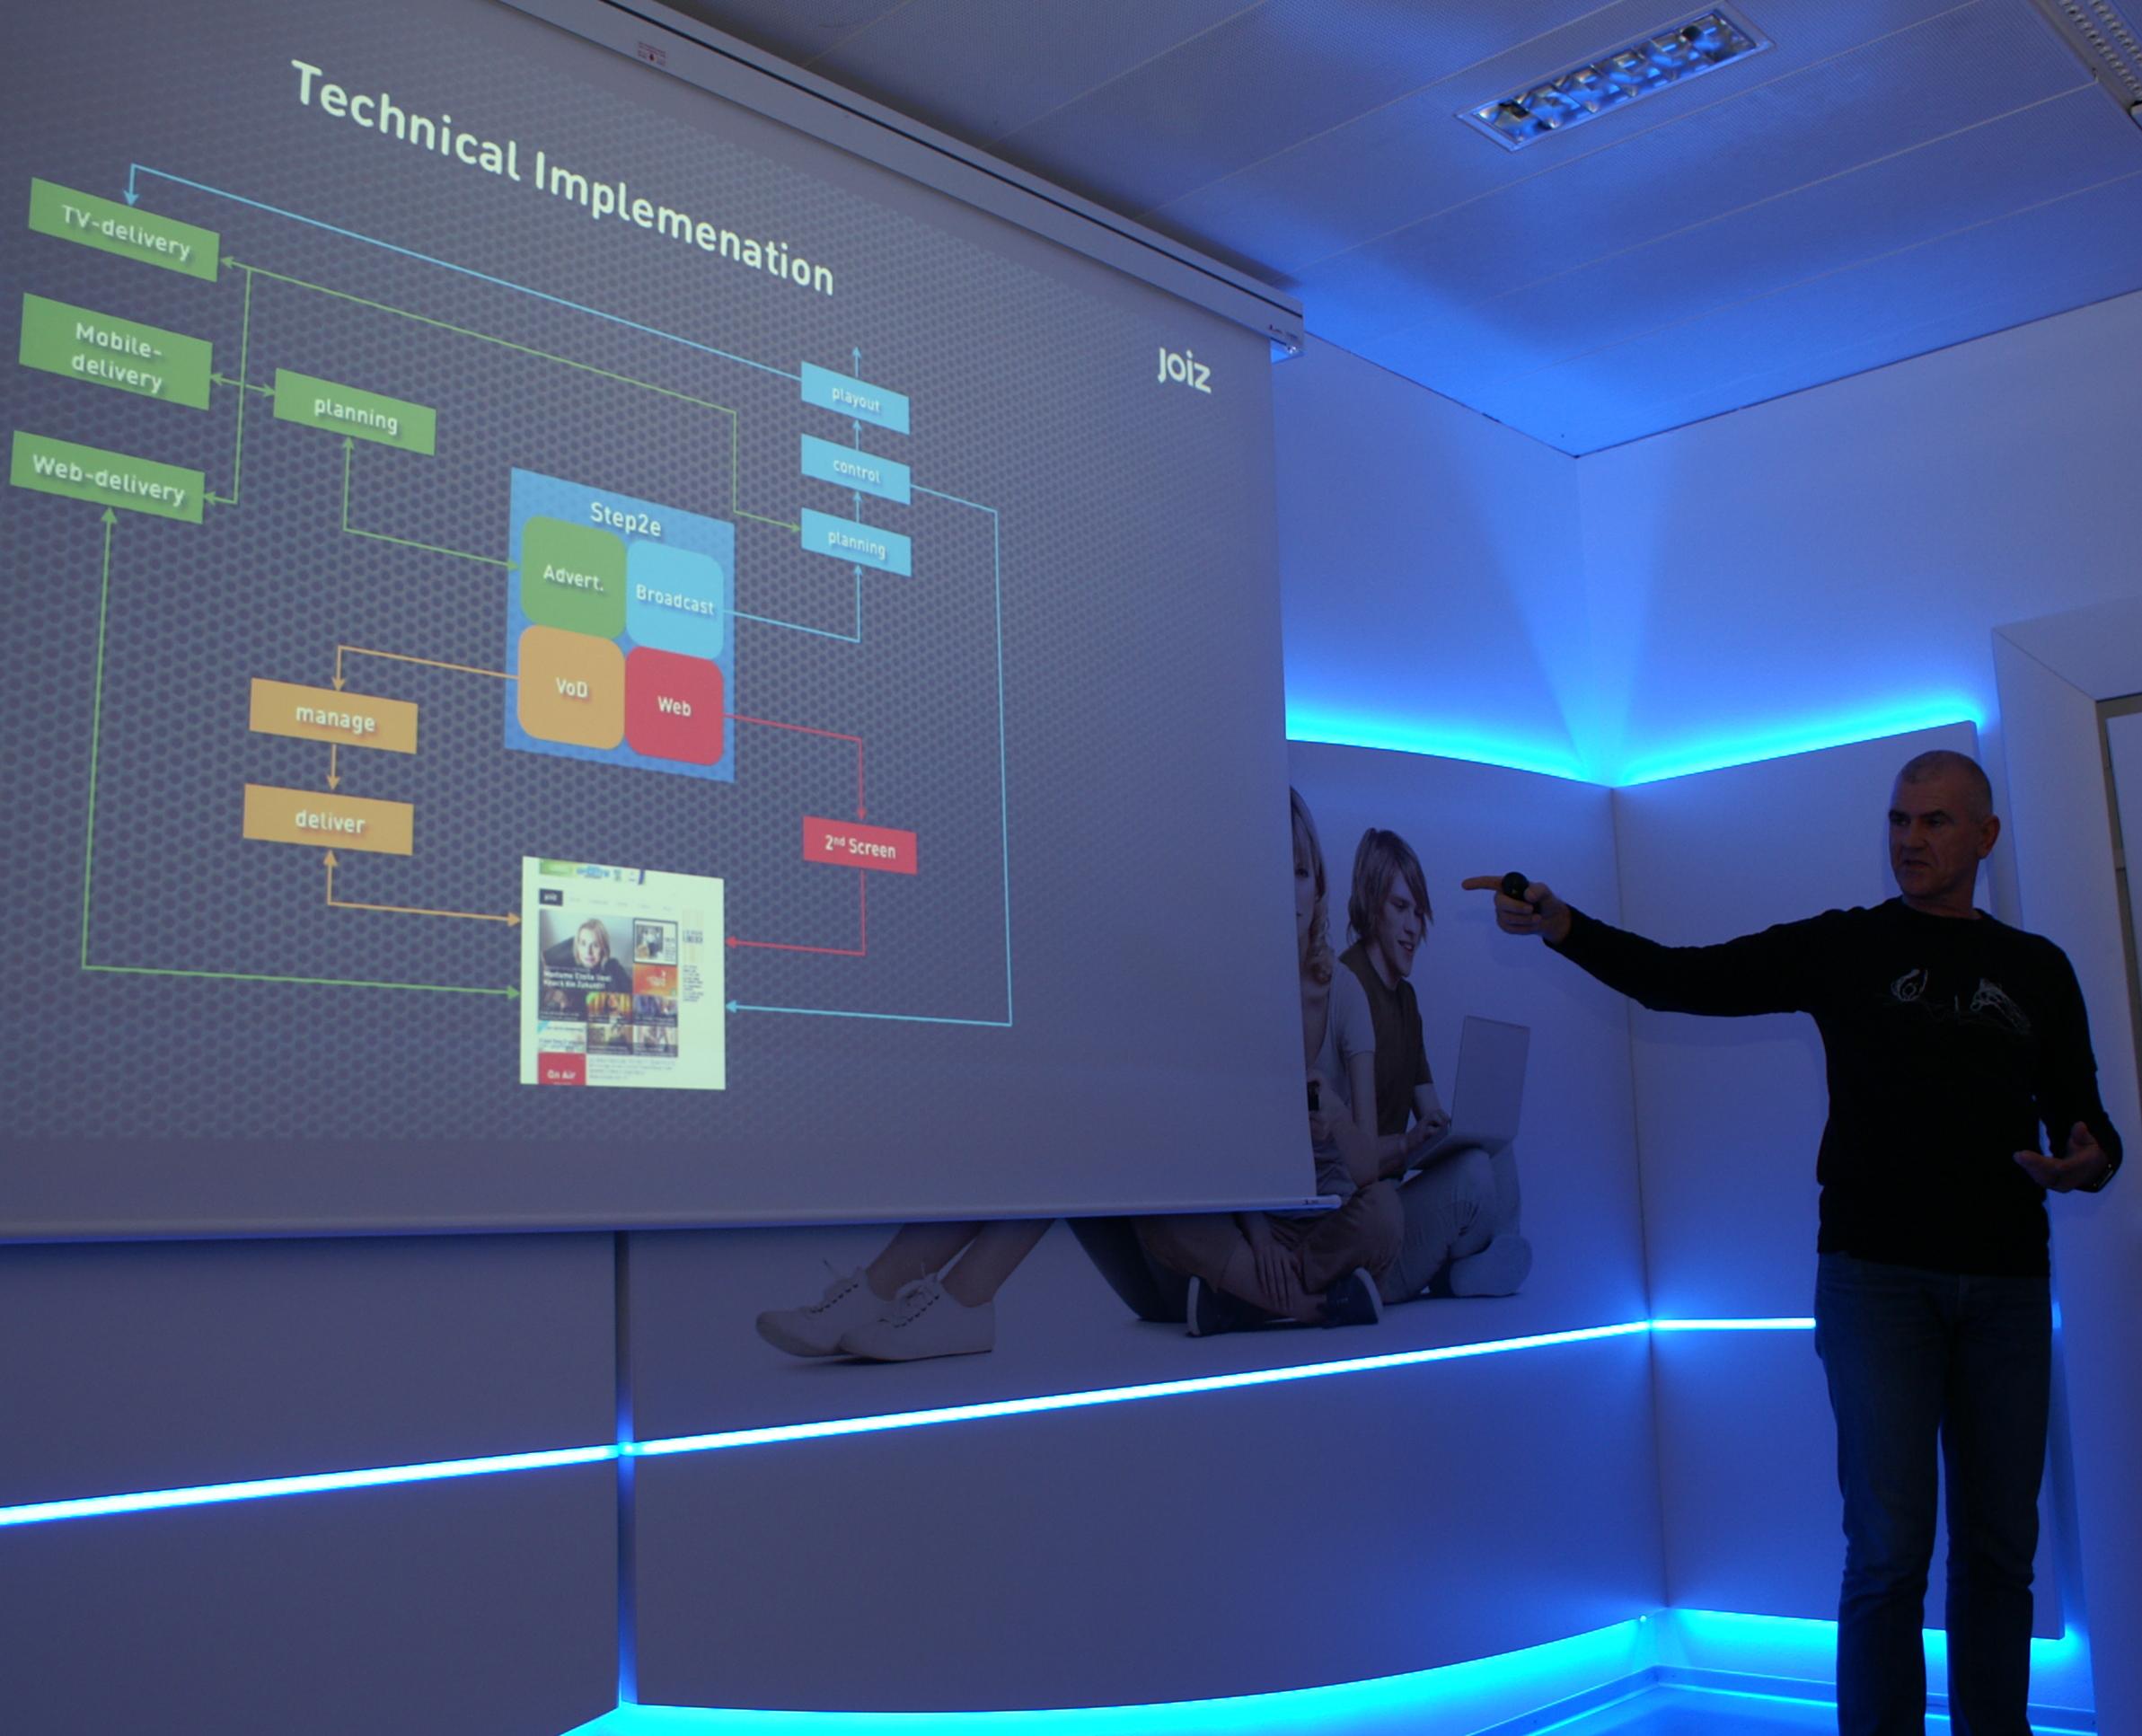 Schema der technischen Implementation von joiz.tv